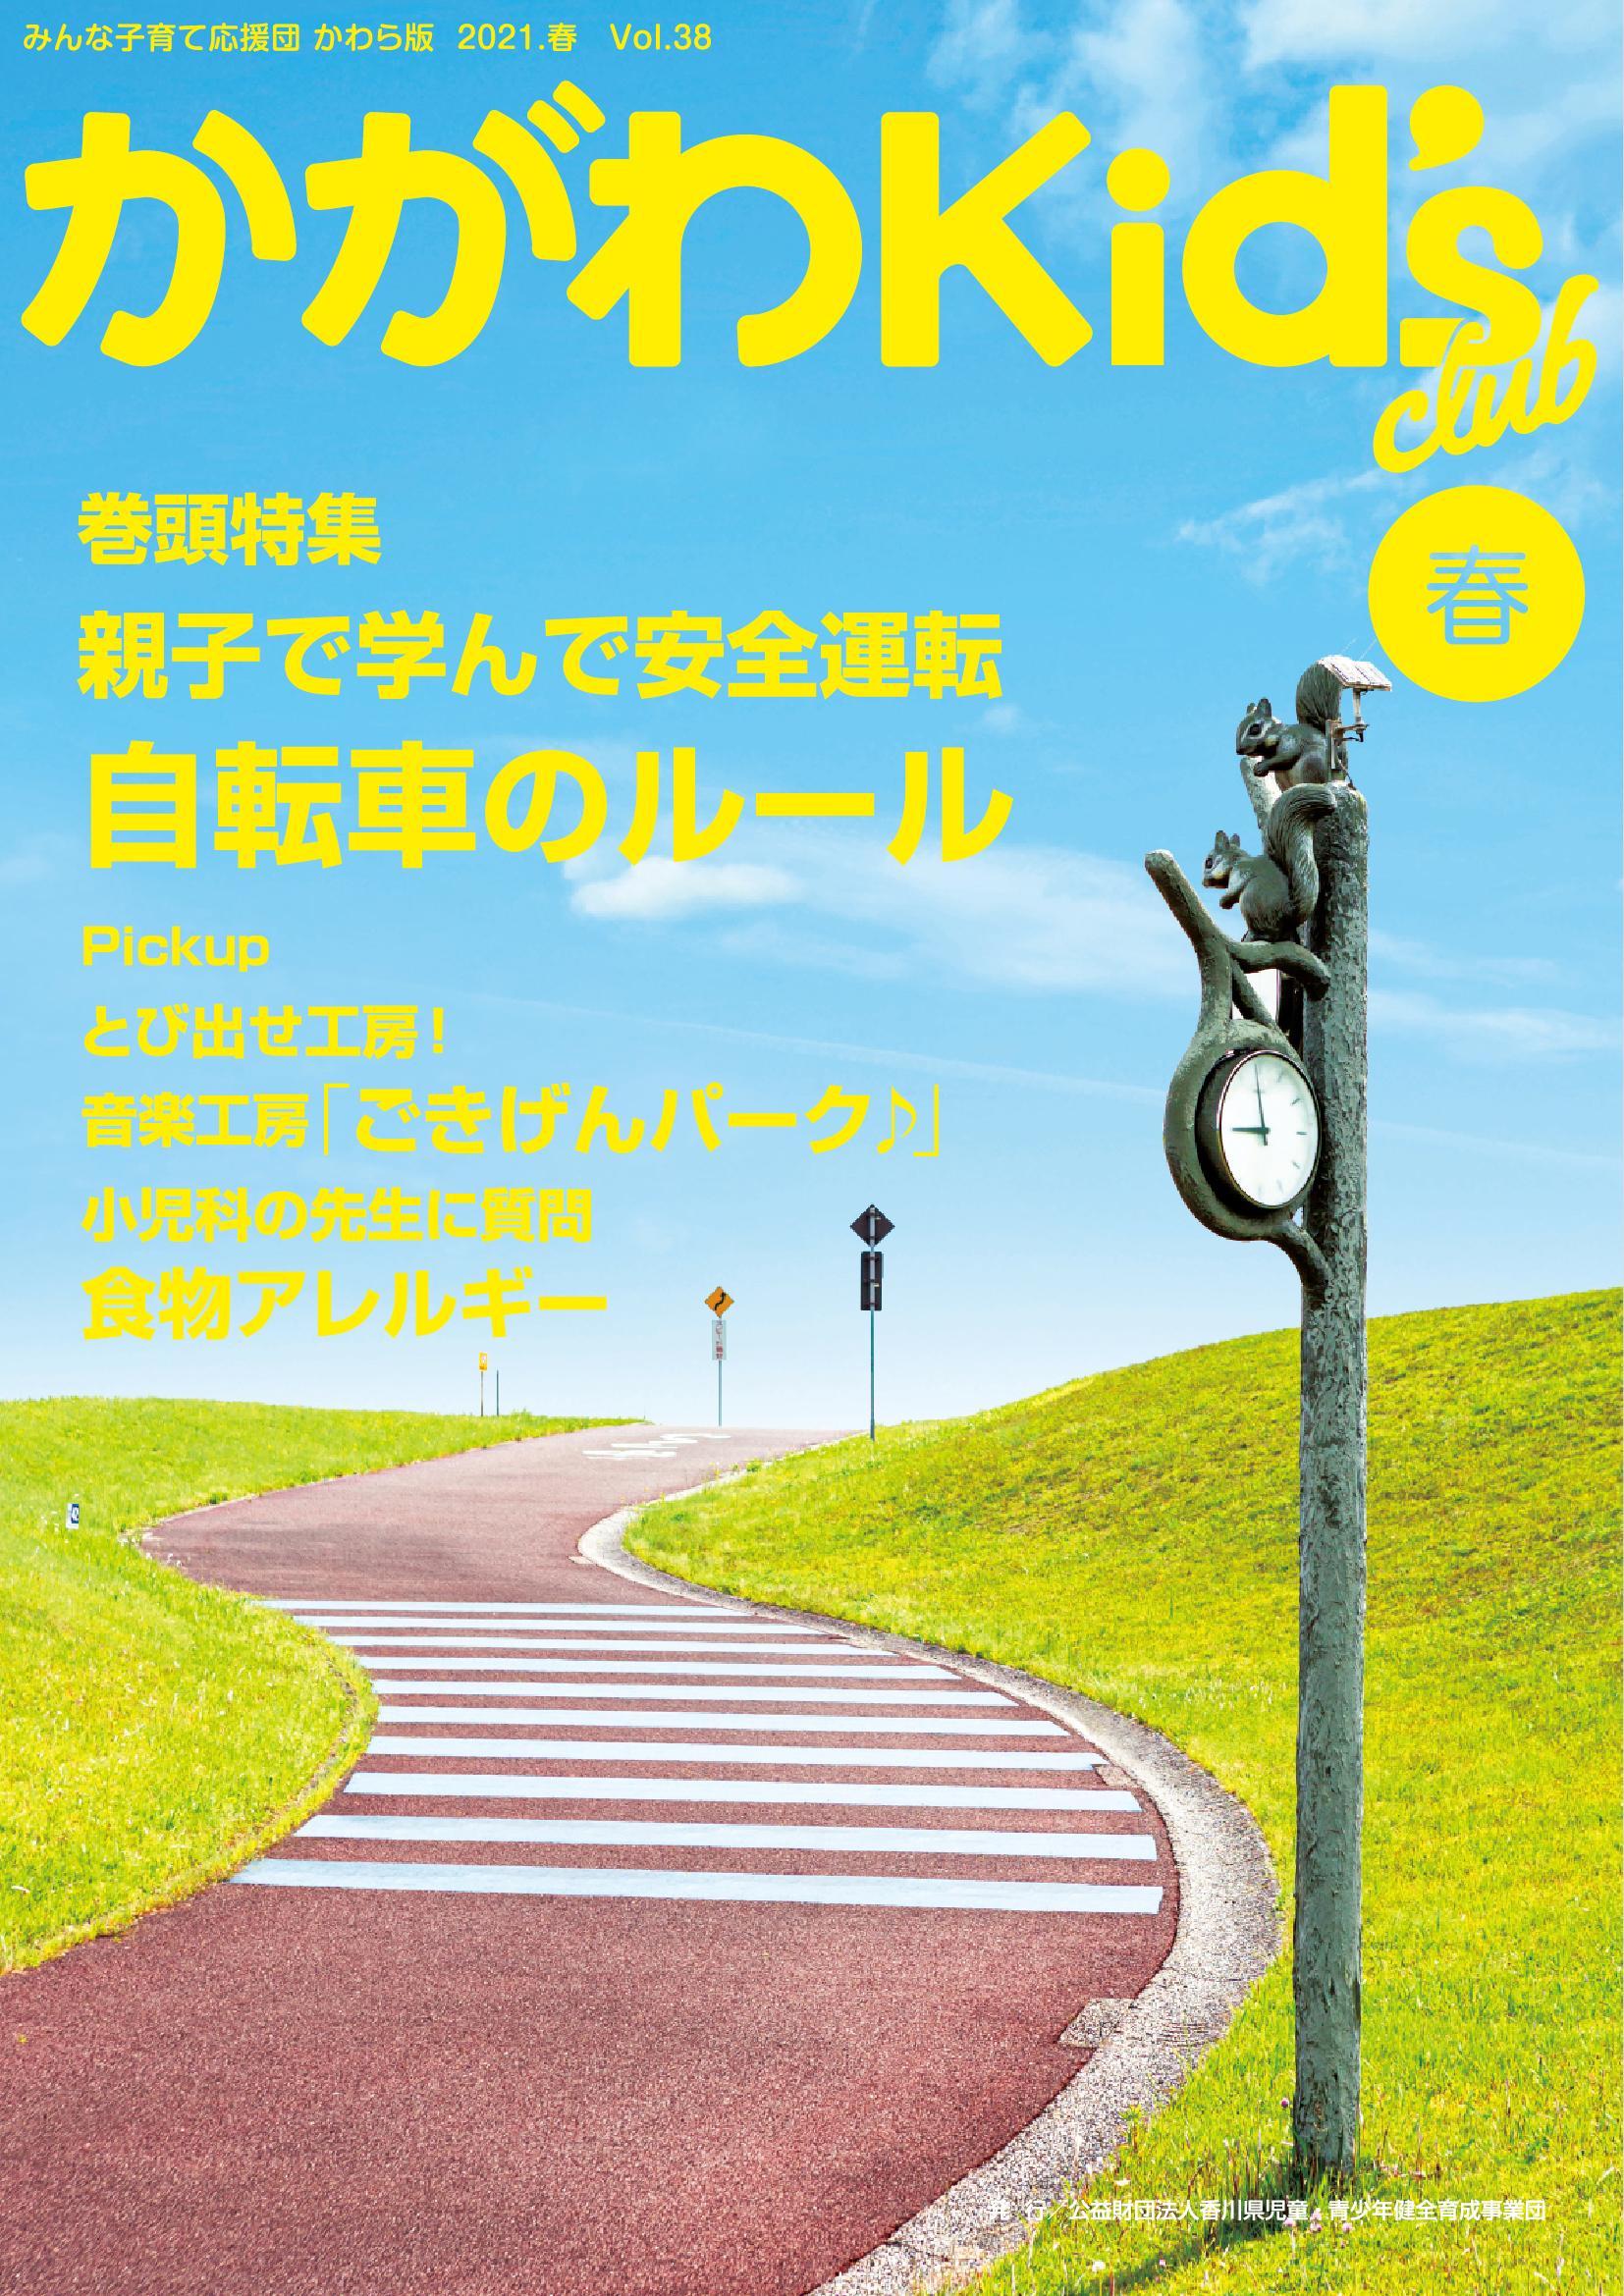 かがわKid's club 2021 春 Vol.38=